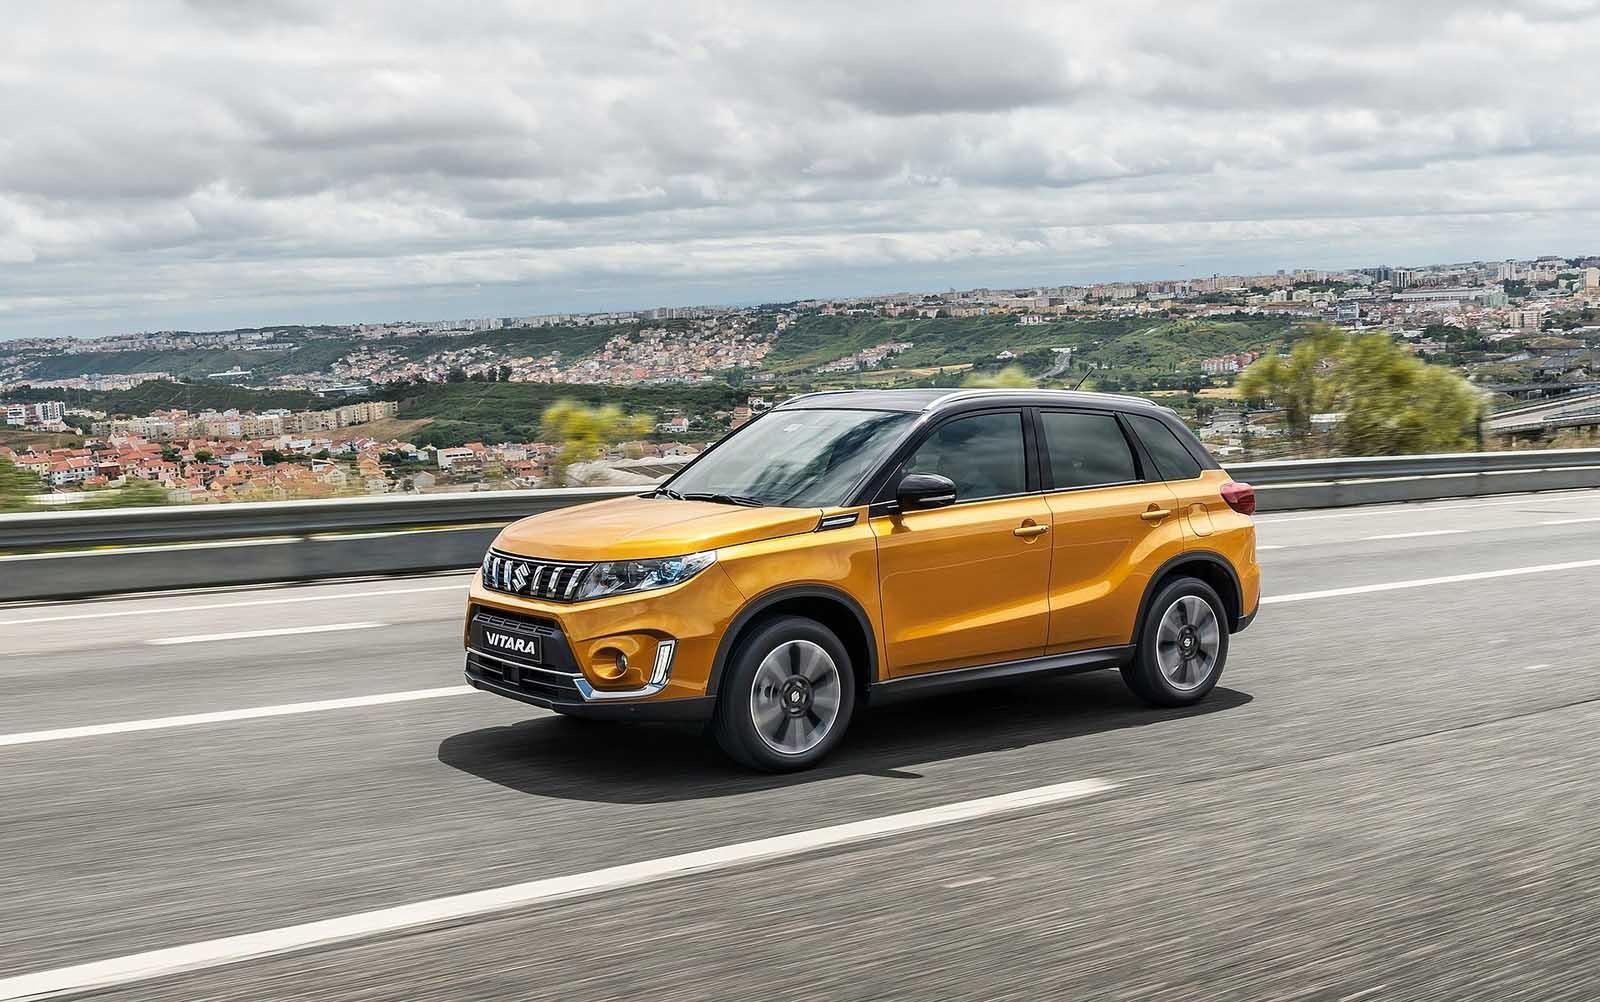 La Suzuki Vitara es el modelo que más resalta este tipo de transmisión.